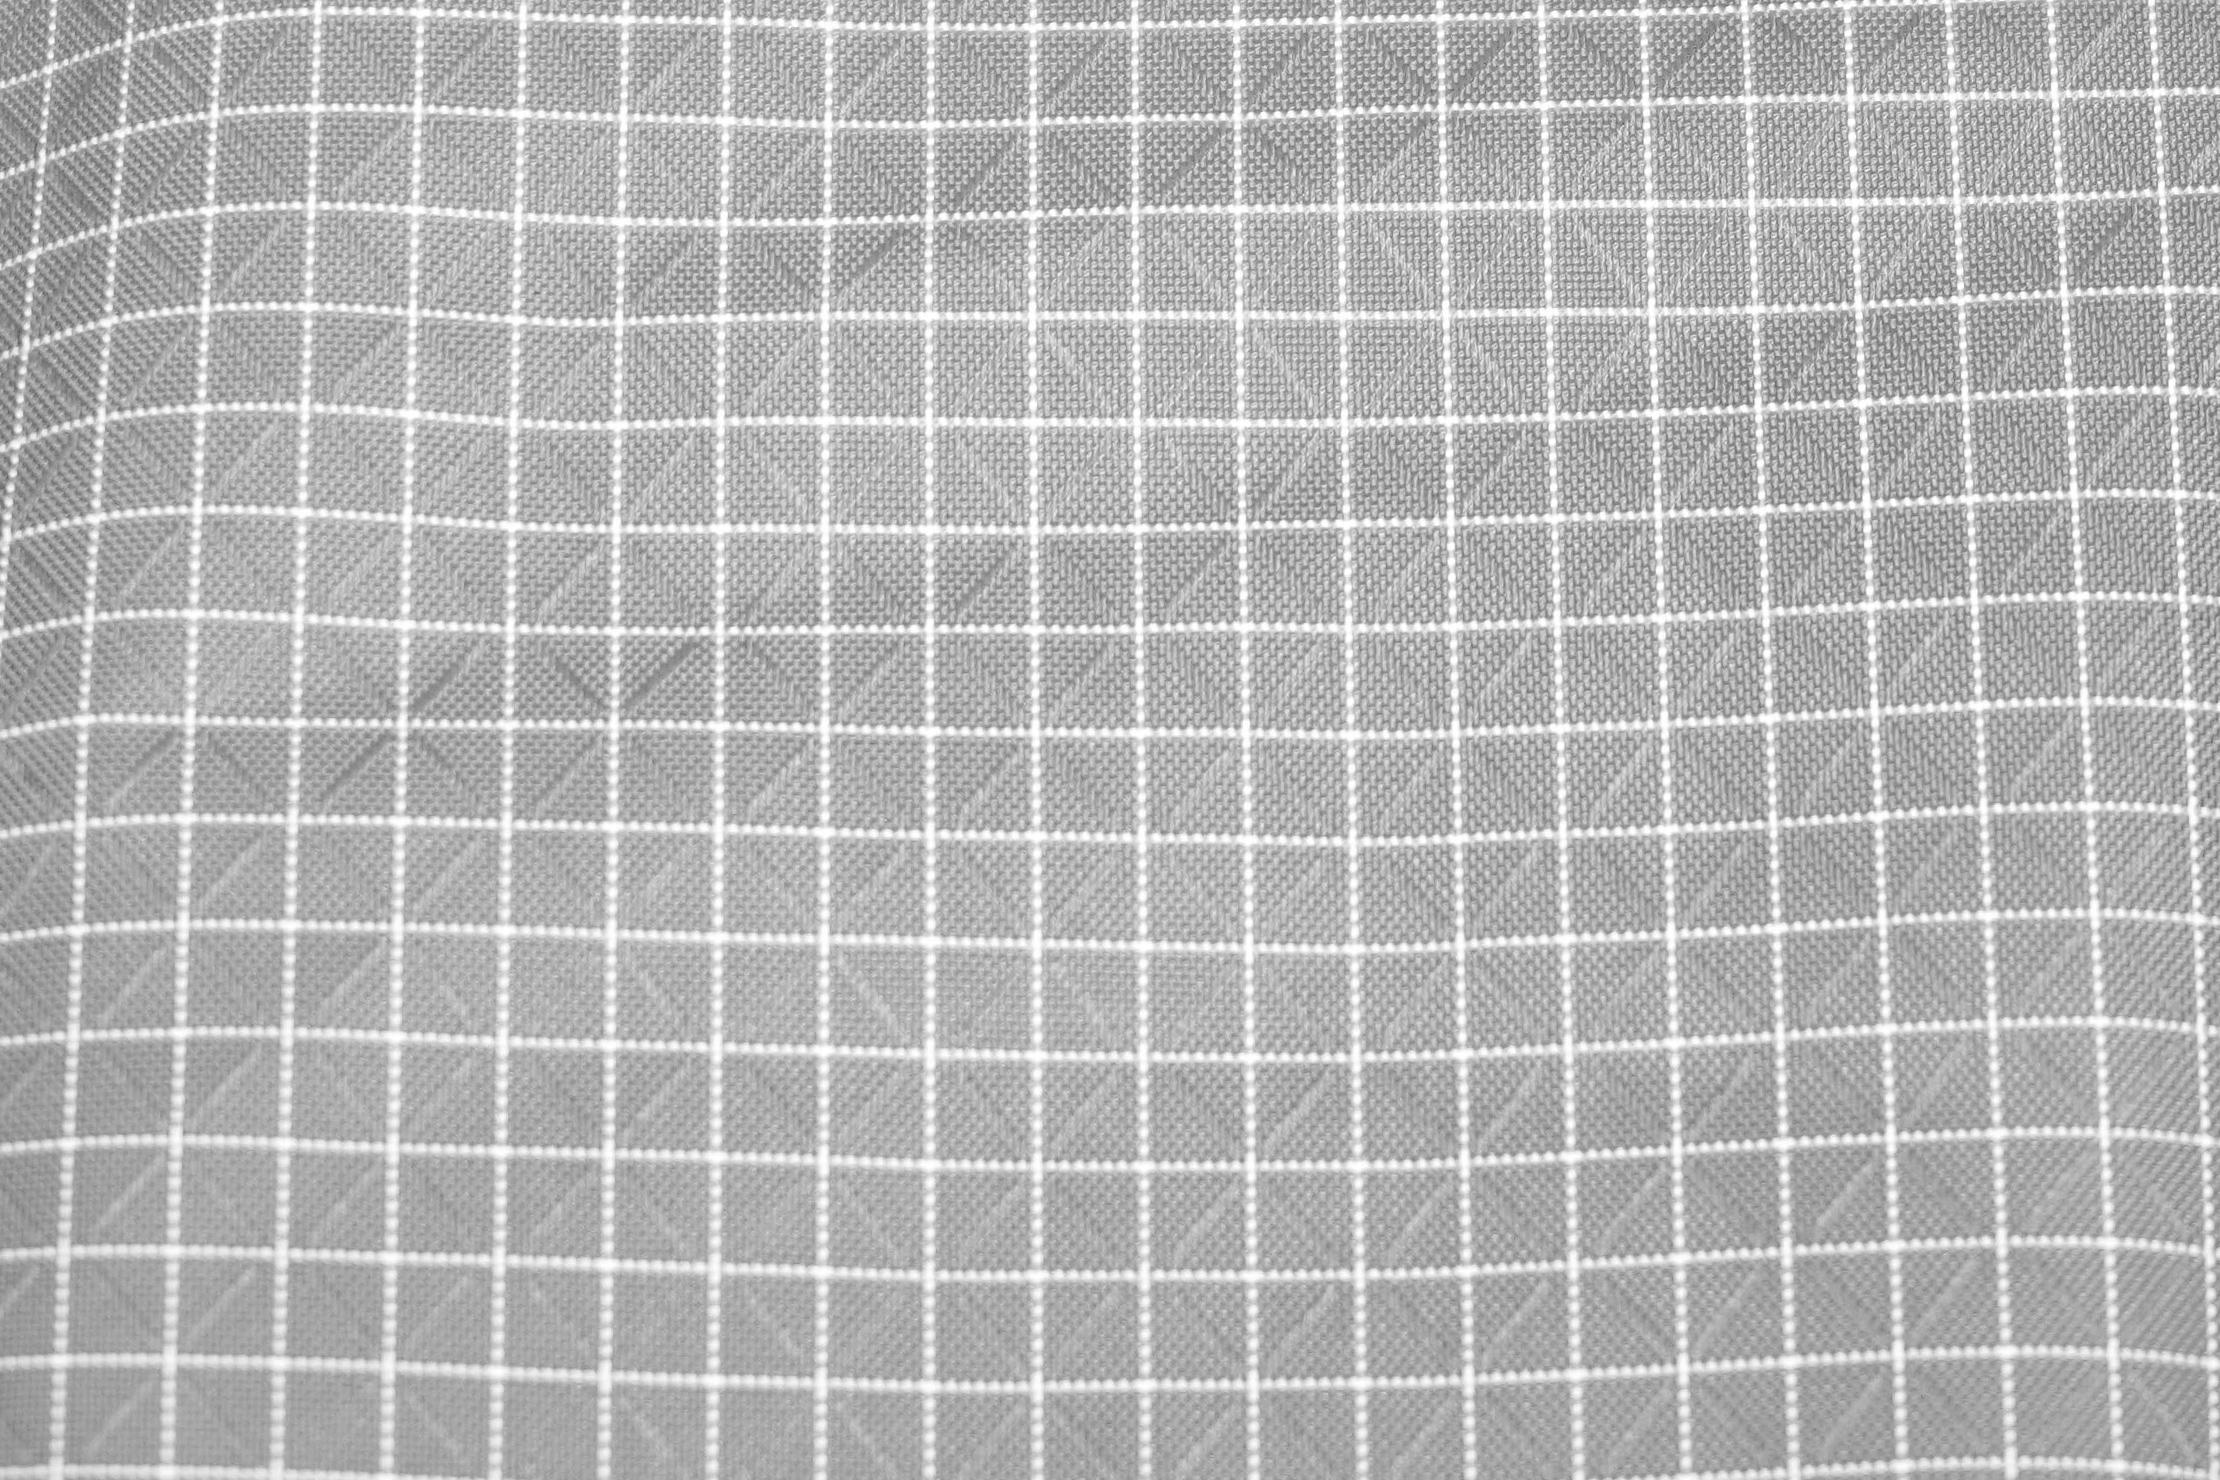 Tom Bihn Synik 30 Interior Material